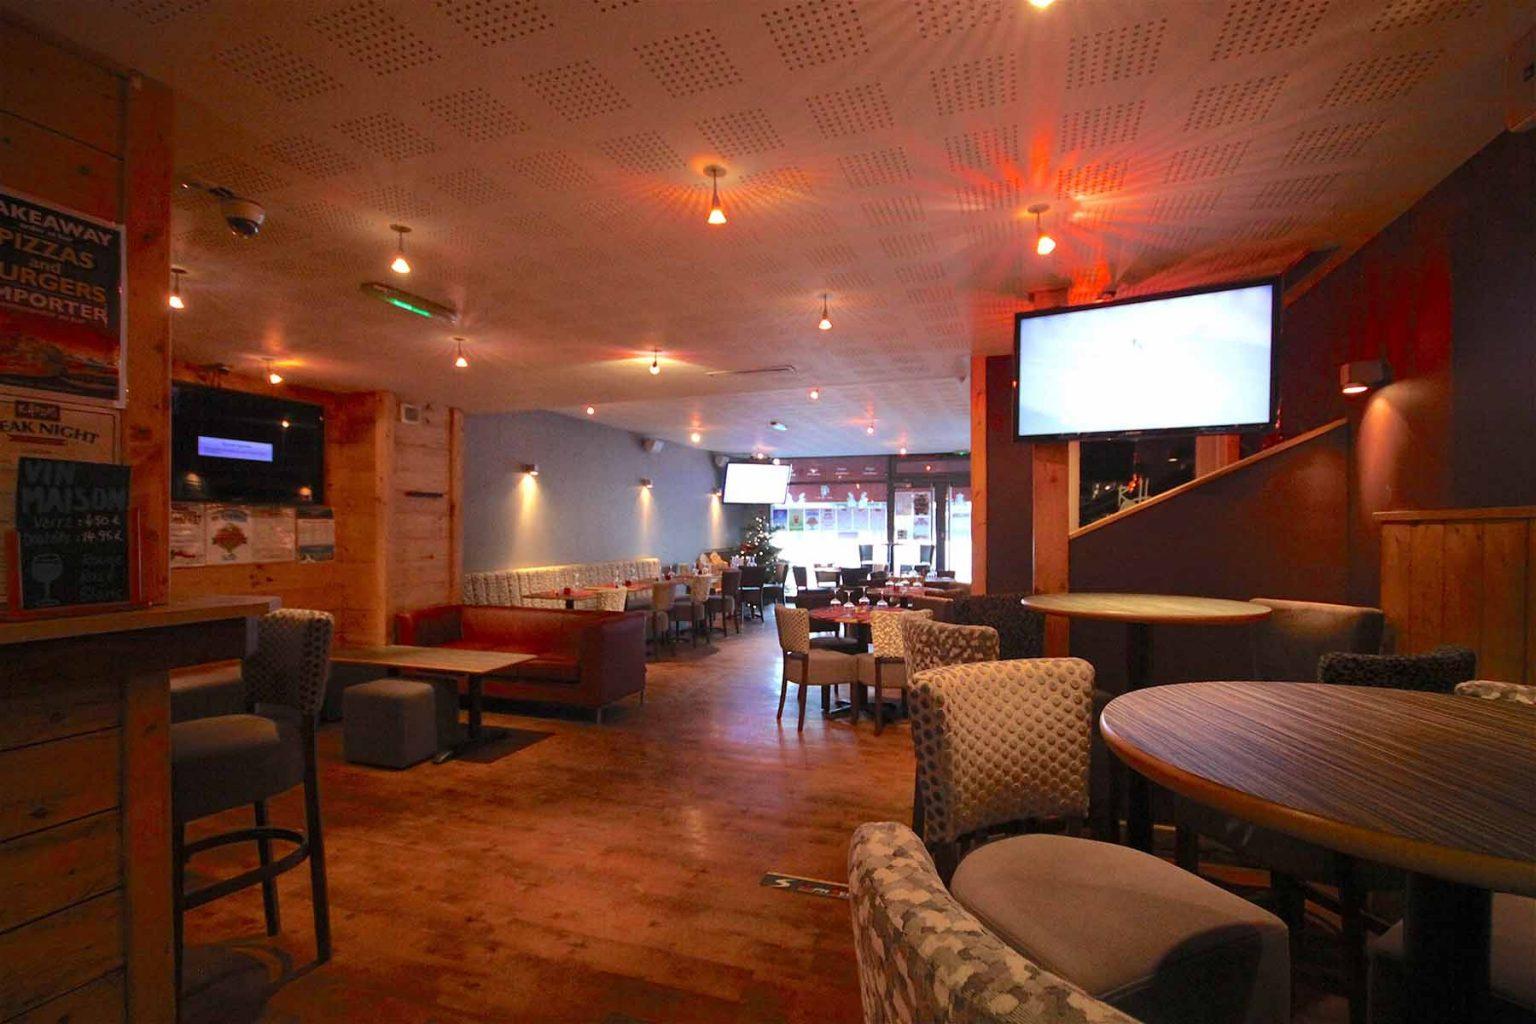 Rhodos Hotel Bar Seats